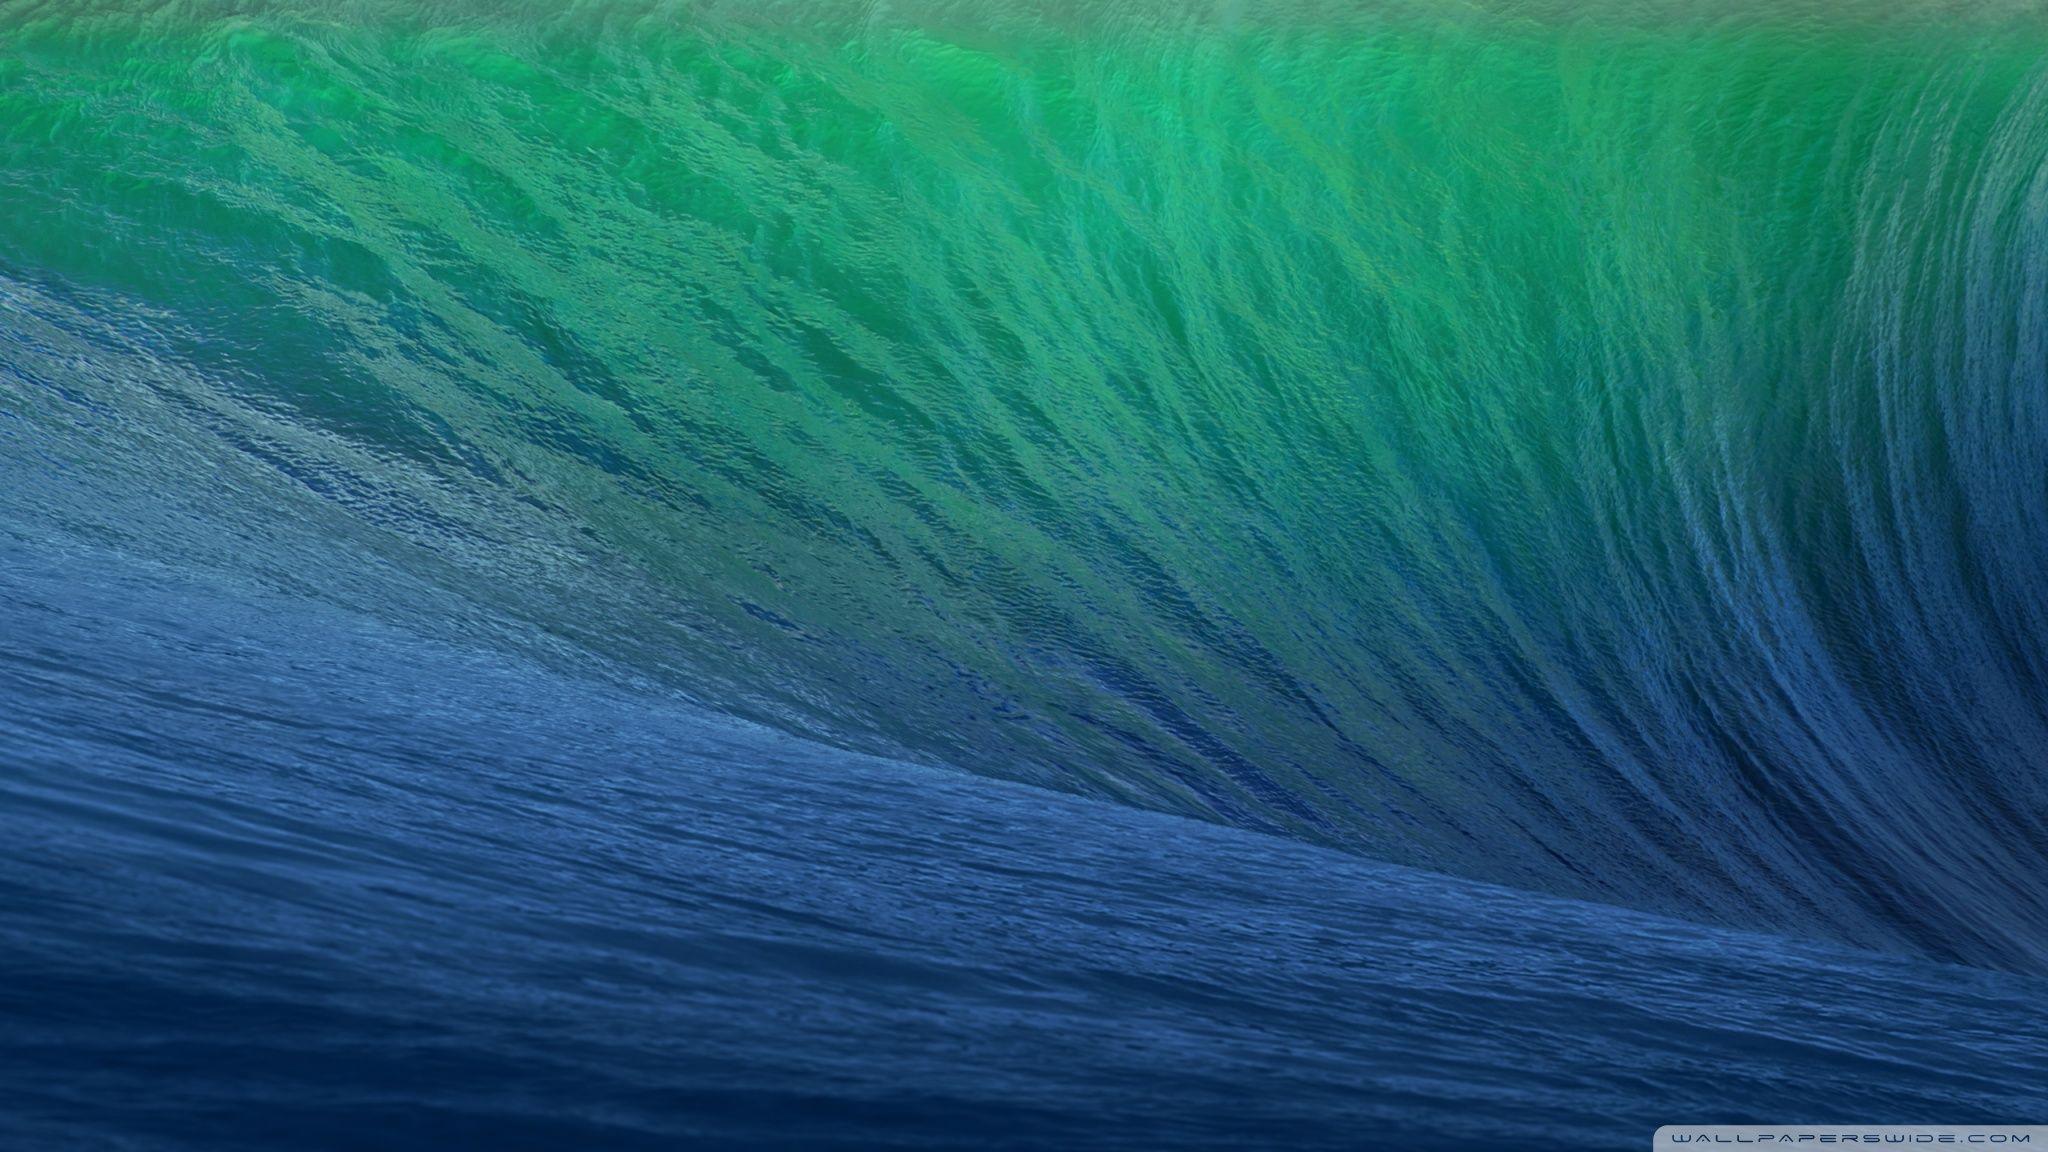 Apple Mac OS X Mavericks HD Desktop Wallpaper Widescreen High